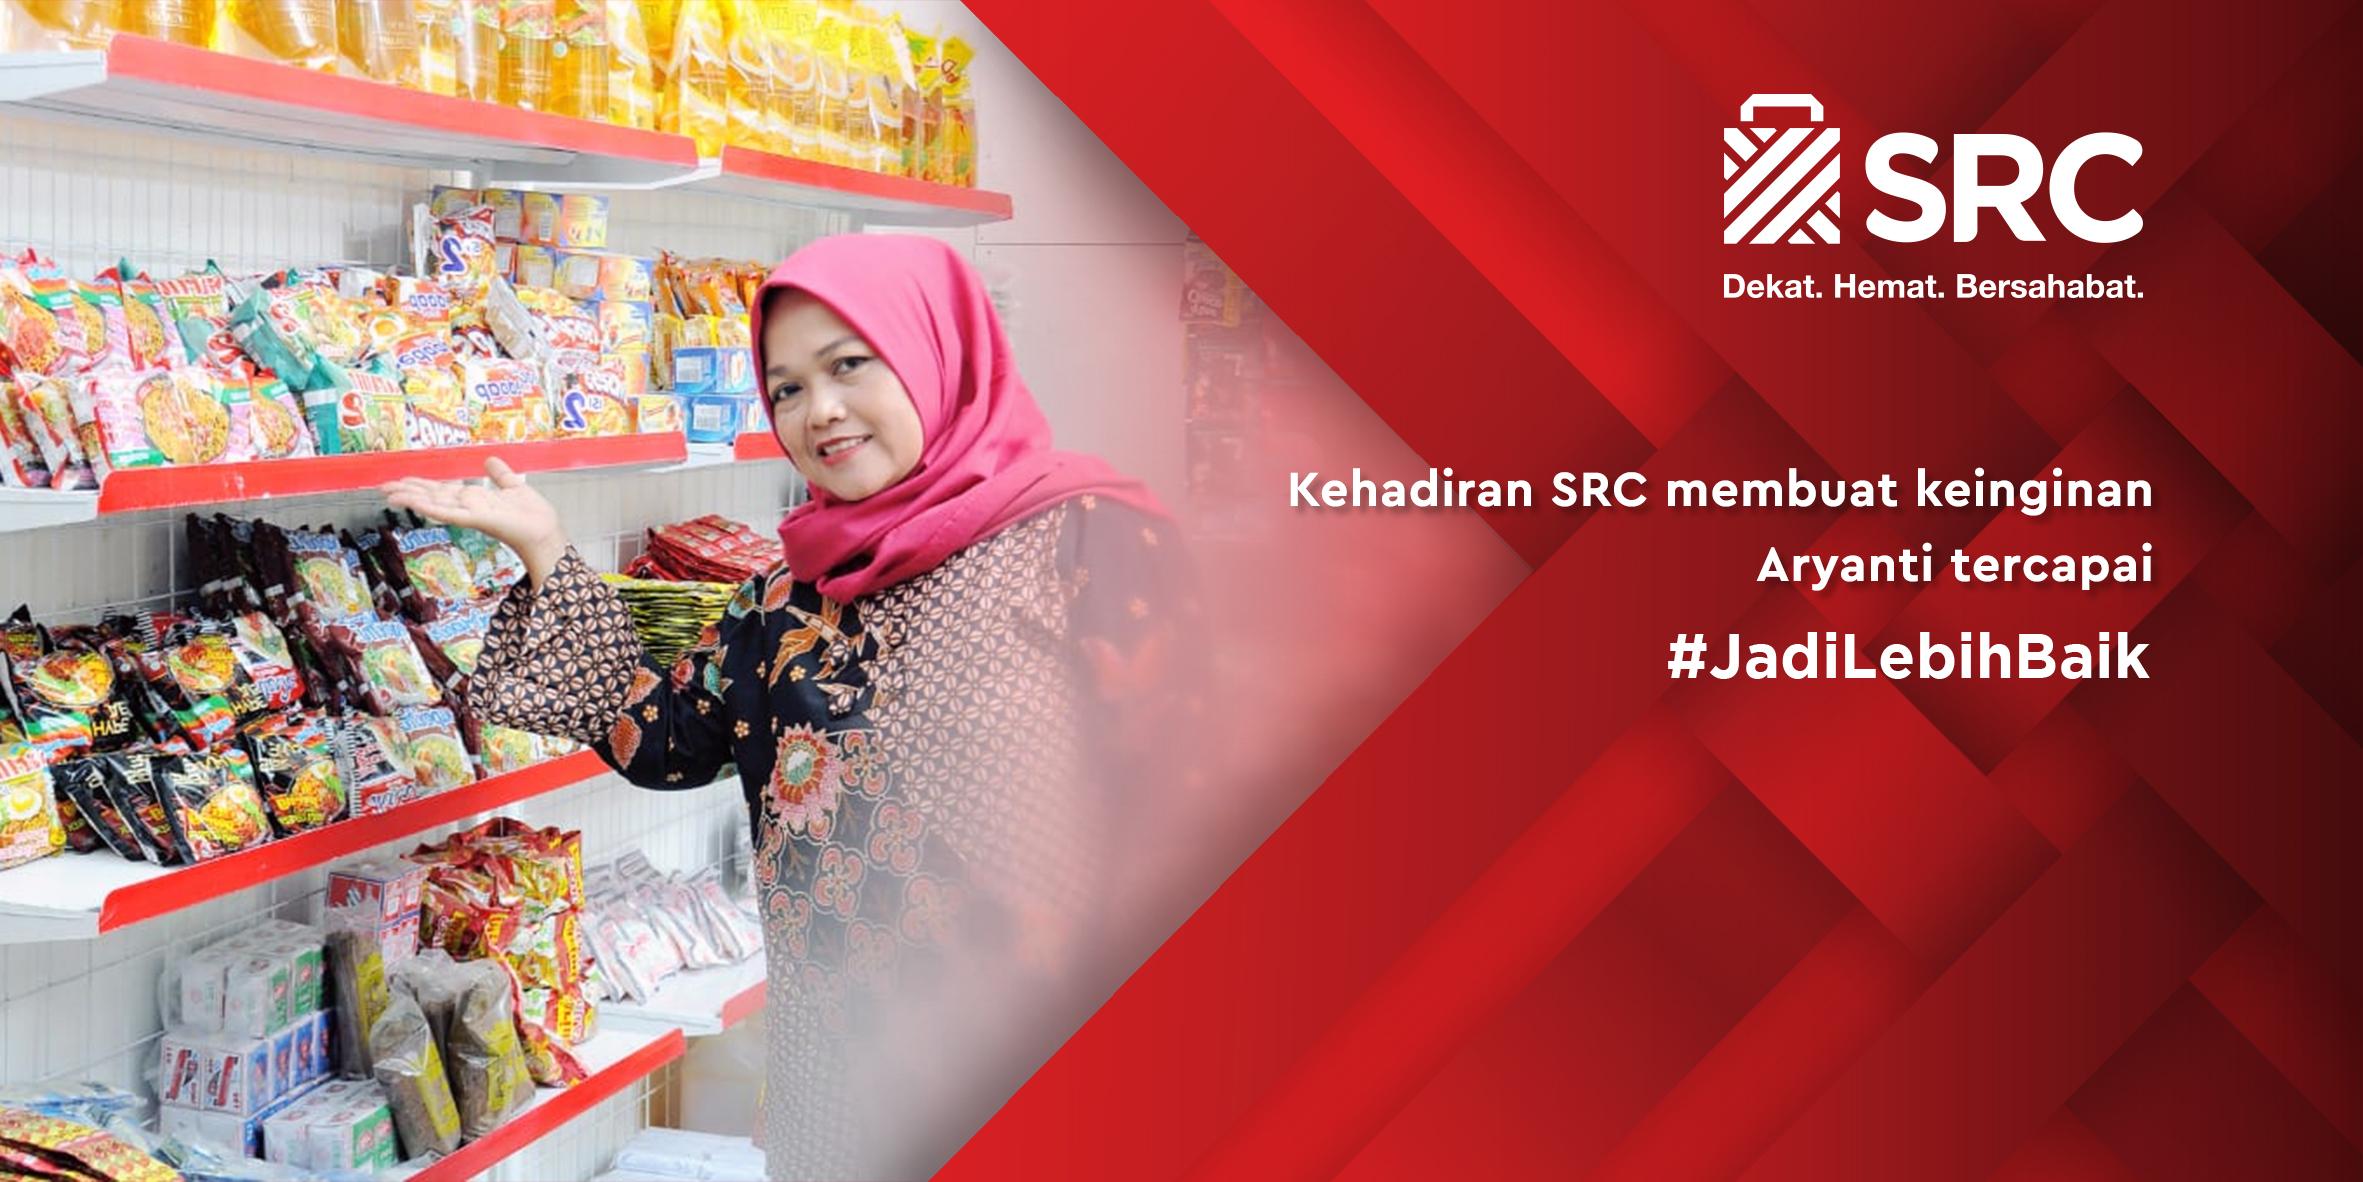 SRC Ajak Masyarakat Jadi Pahlawan Ekonomi Lokal Lewat #BangkitSerentak